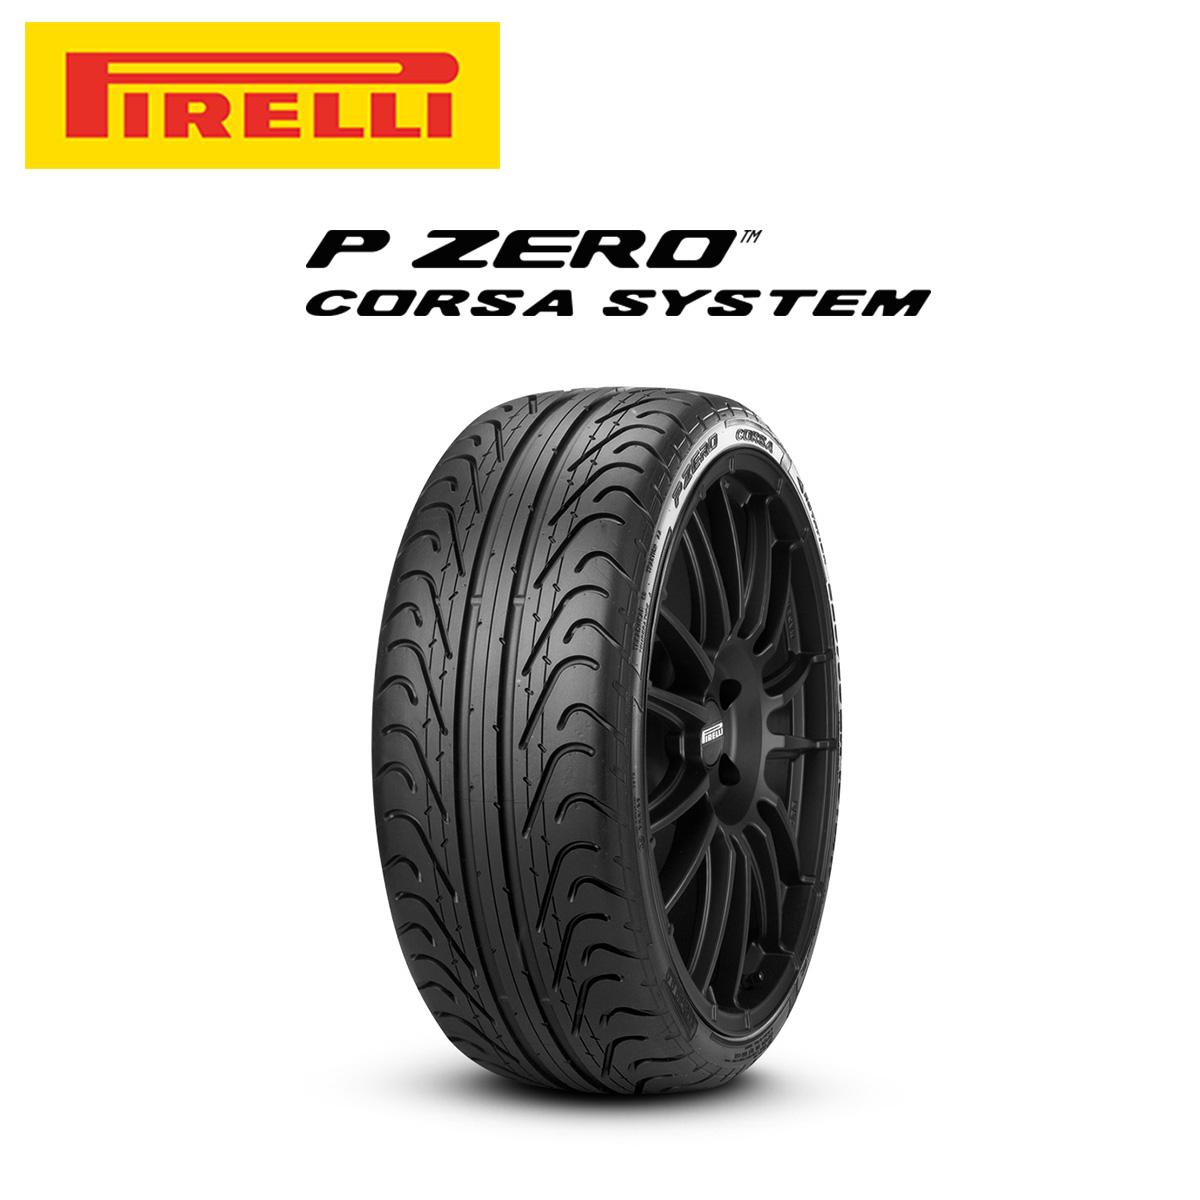 ピレリ PIRELLI P ZERO CORSA ピーゼロコルサ 19インチ サマー タイヤ 4本 セット 245/35ZR19 93Y XL ncs MC:マクラーレン承認タイヤ 2649500